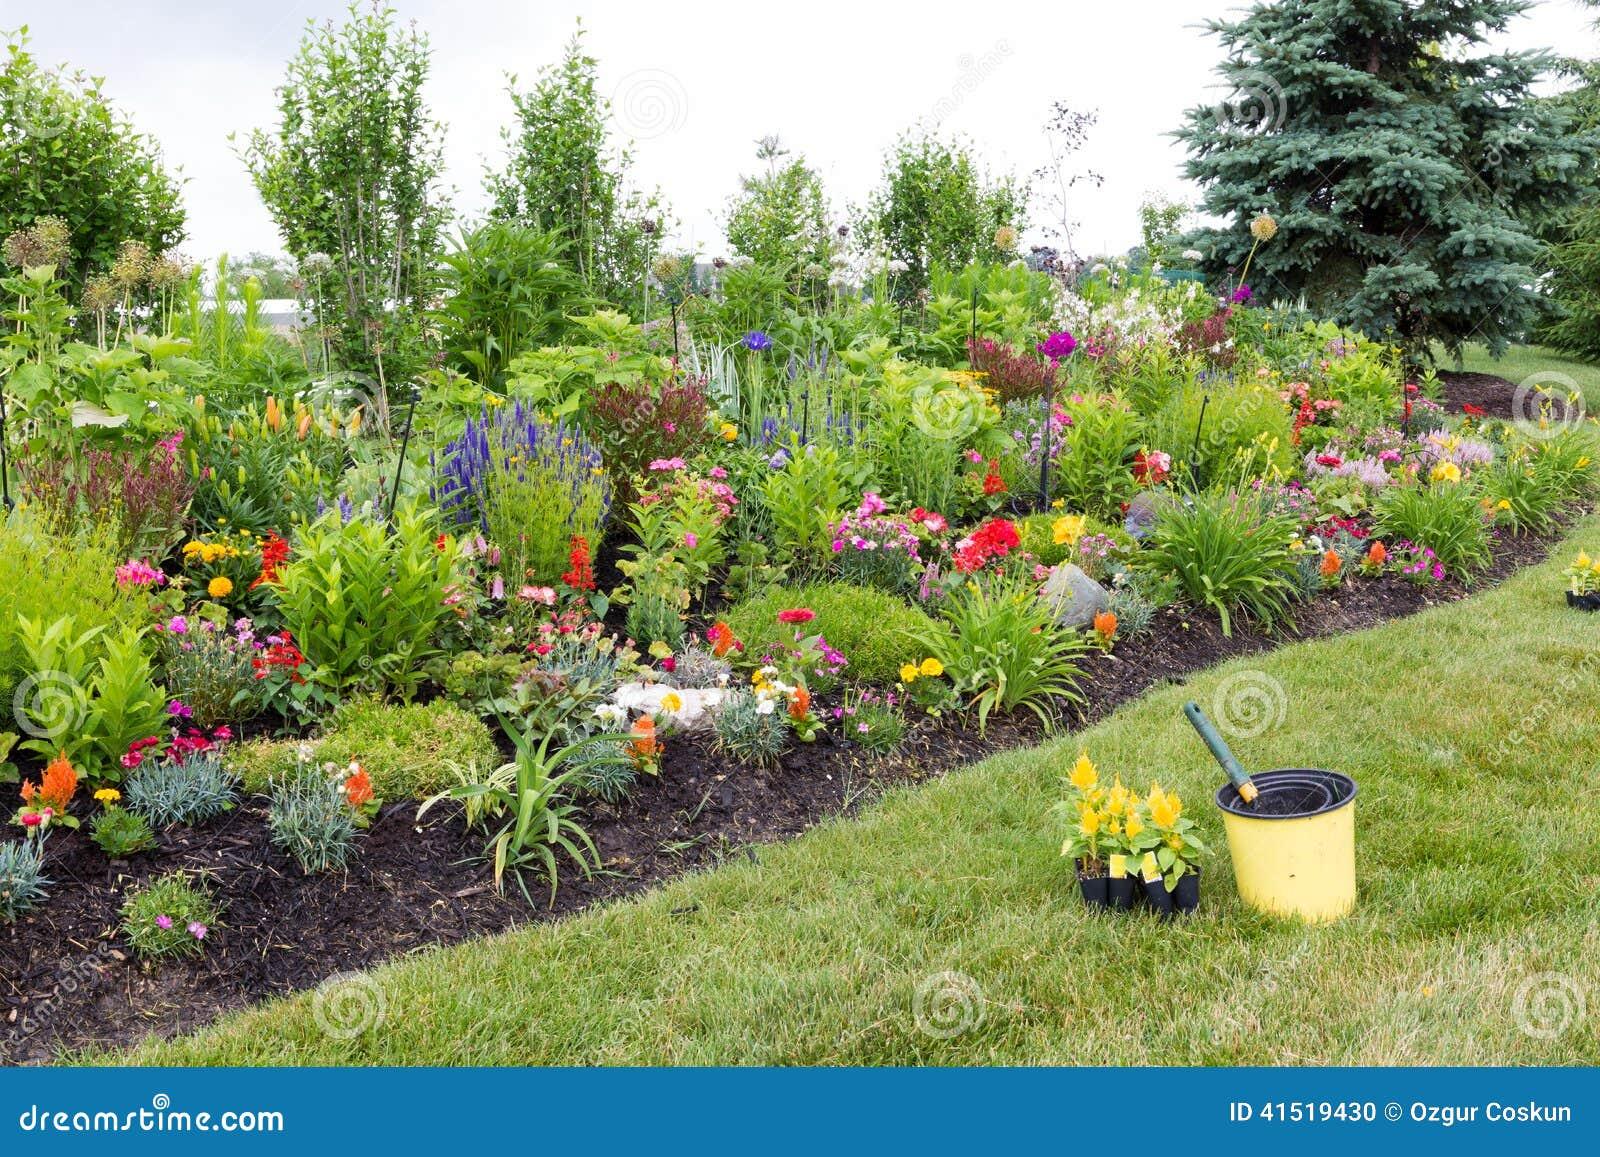 Planten In Tuin : Het planten van gele celosia in een kleurrijke tuin stock foto